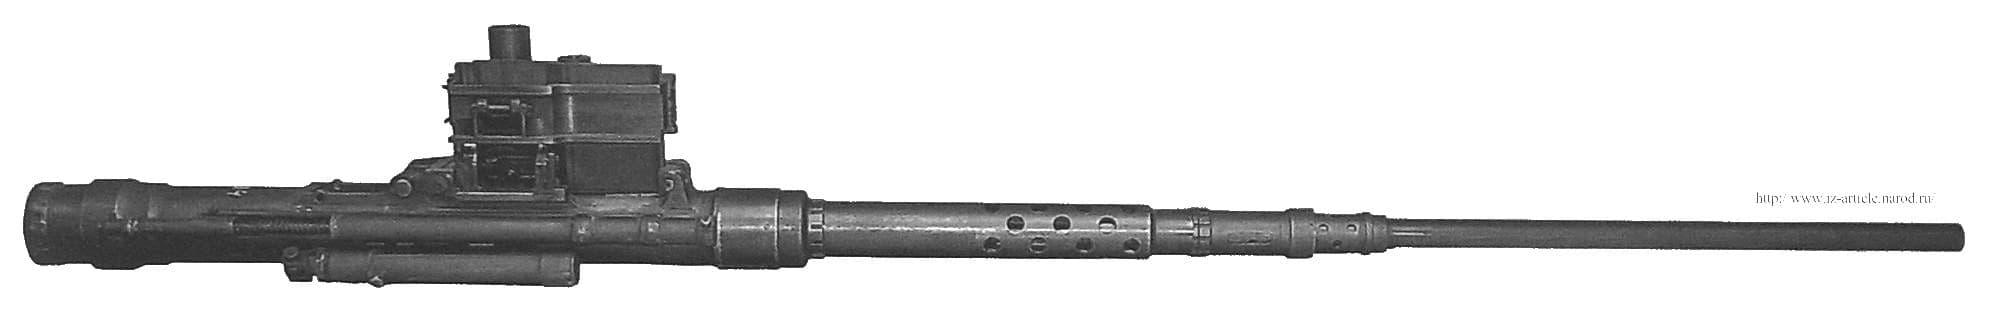 Авиационная пушка системы Нудельмана-Суранова НС-37, оружие Ижевска